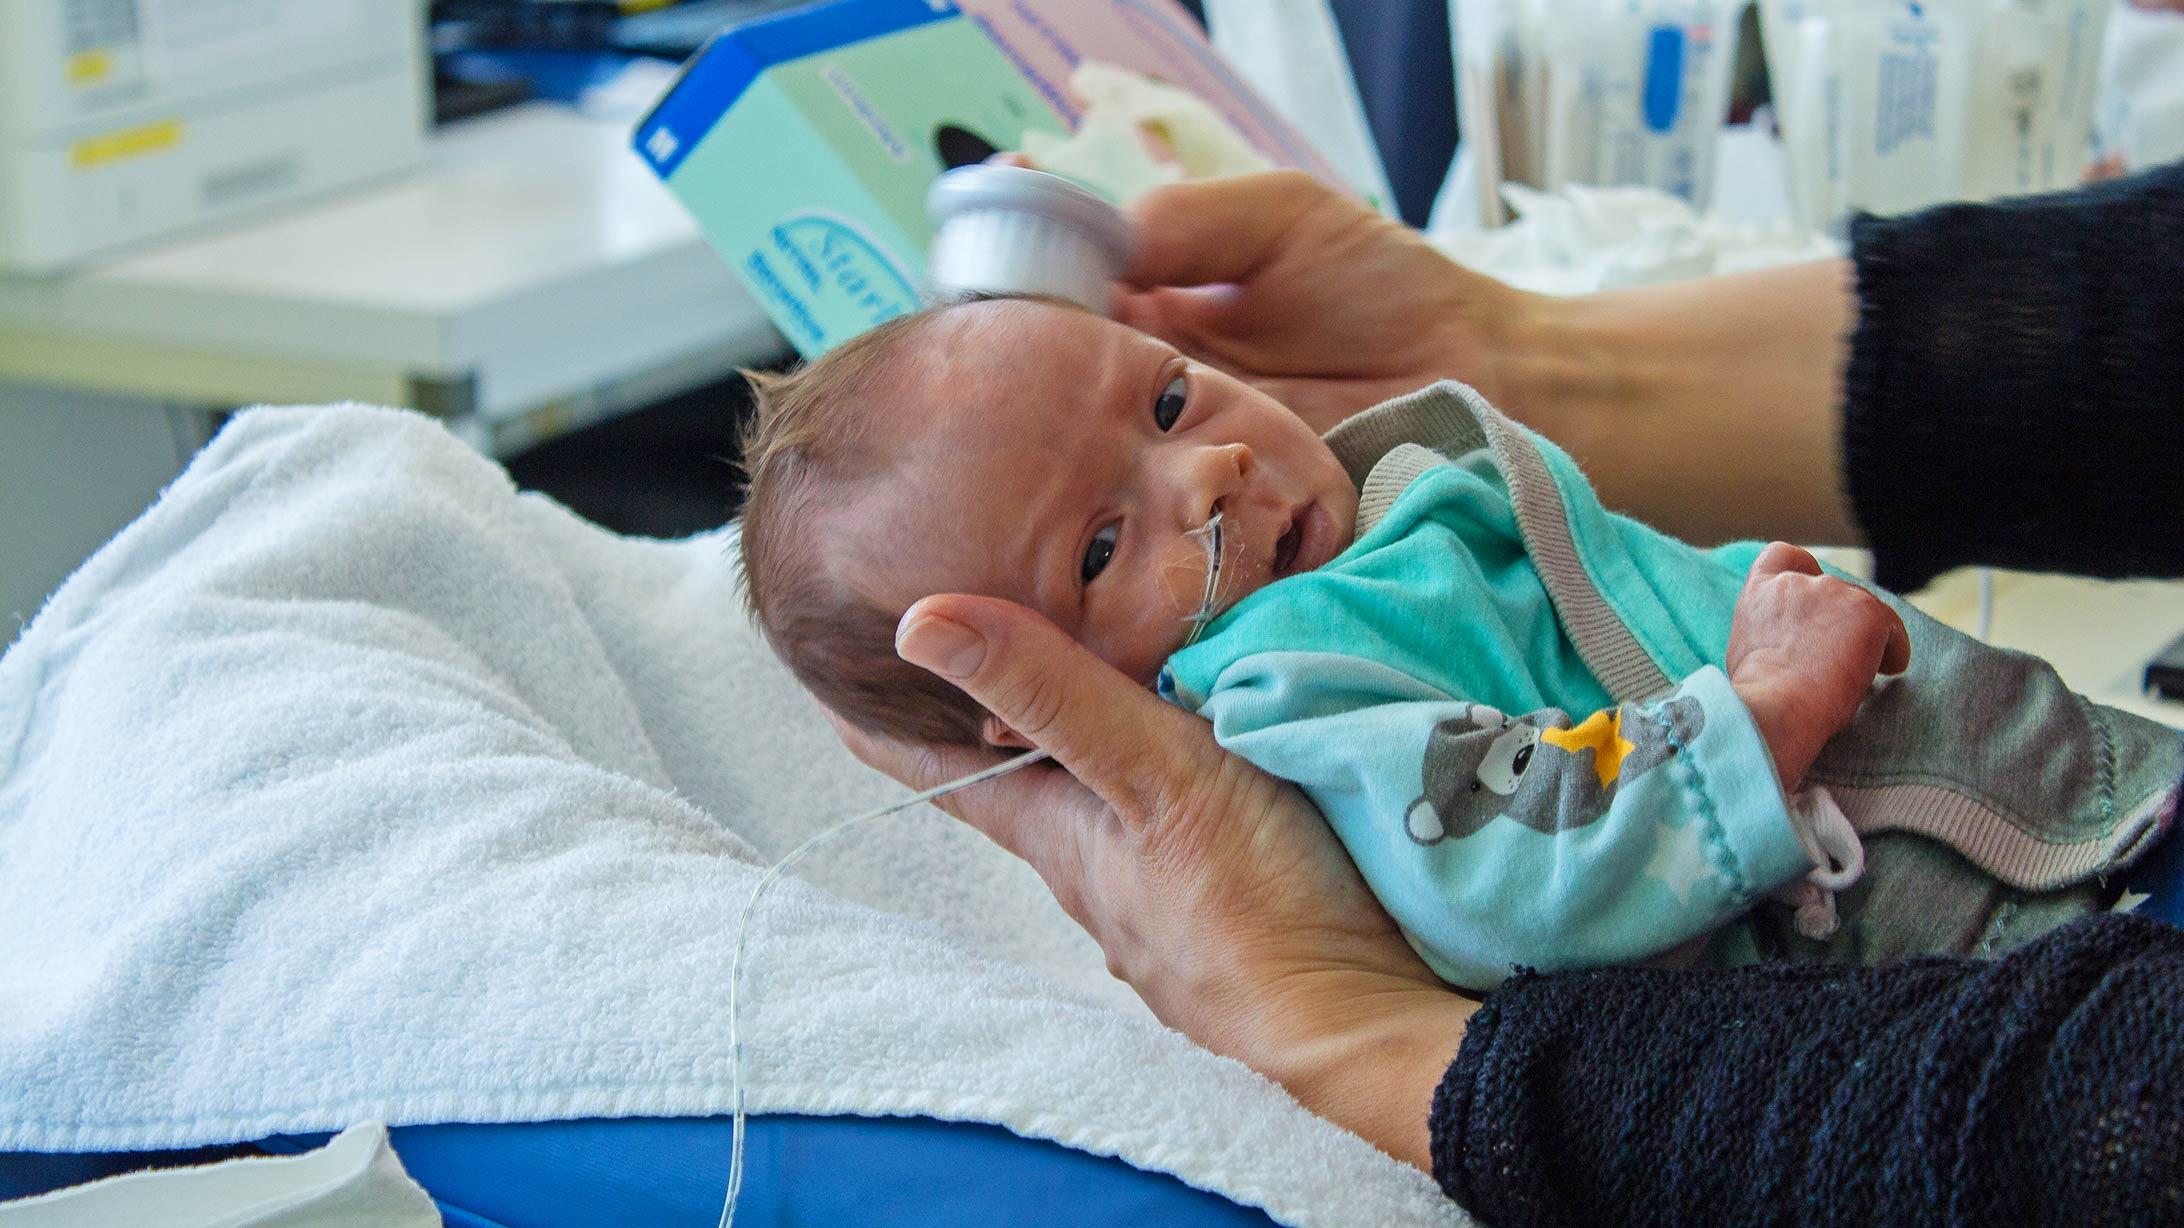 Ein Baby wird mit einer kleinen Haarbürste gebürstet.